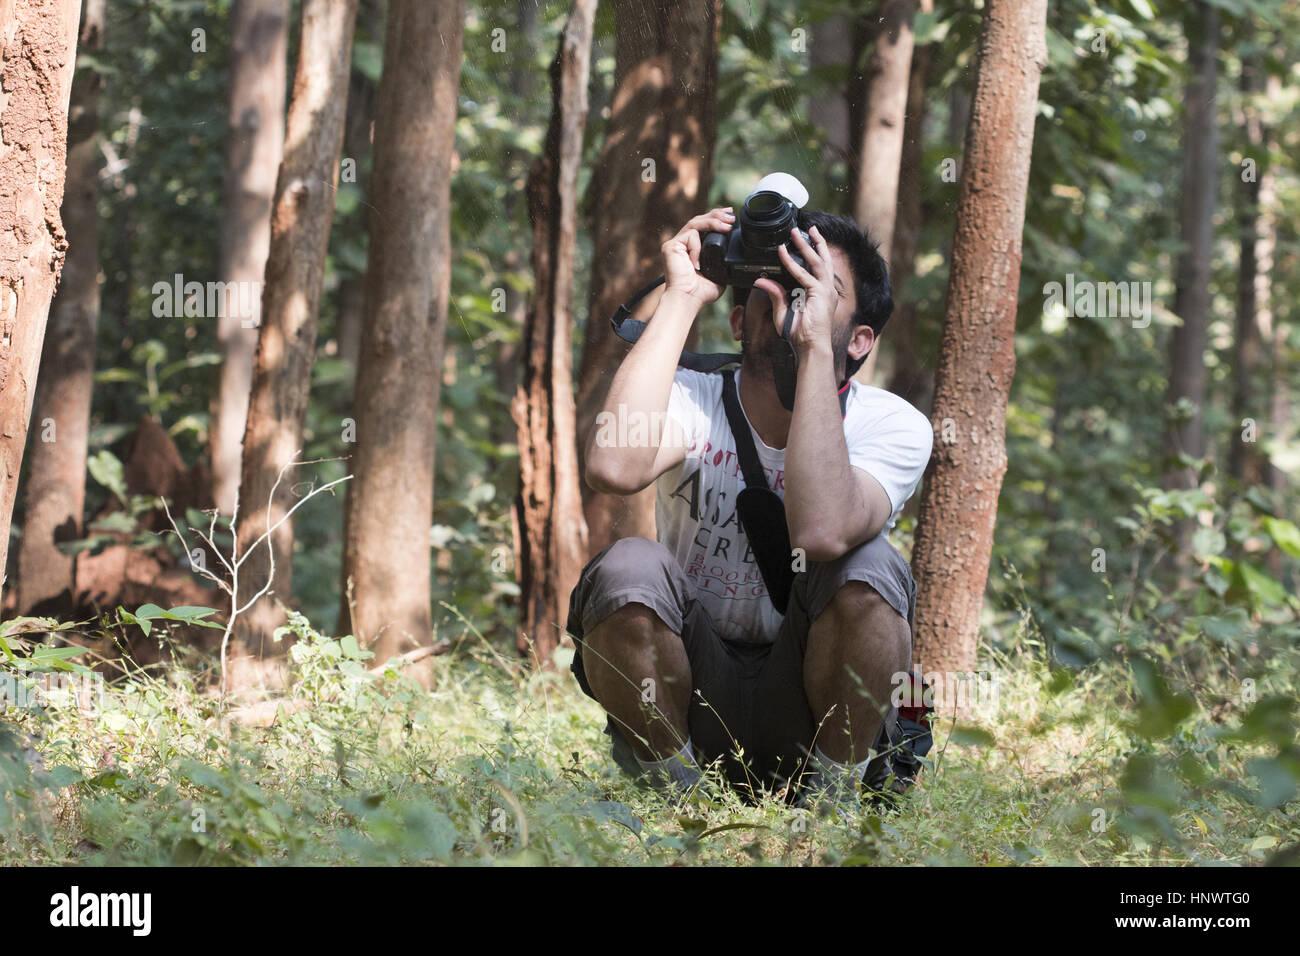 Photographer, Barnawapara WLS, Chhattisgarh. - Stock Image